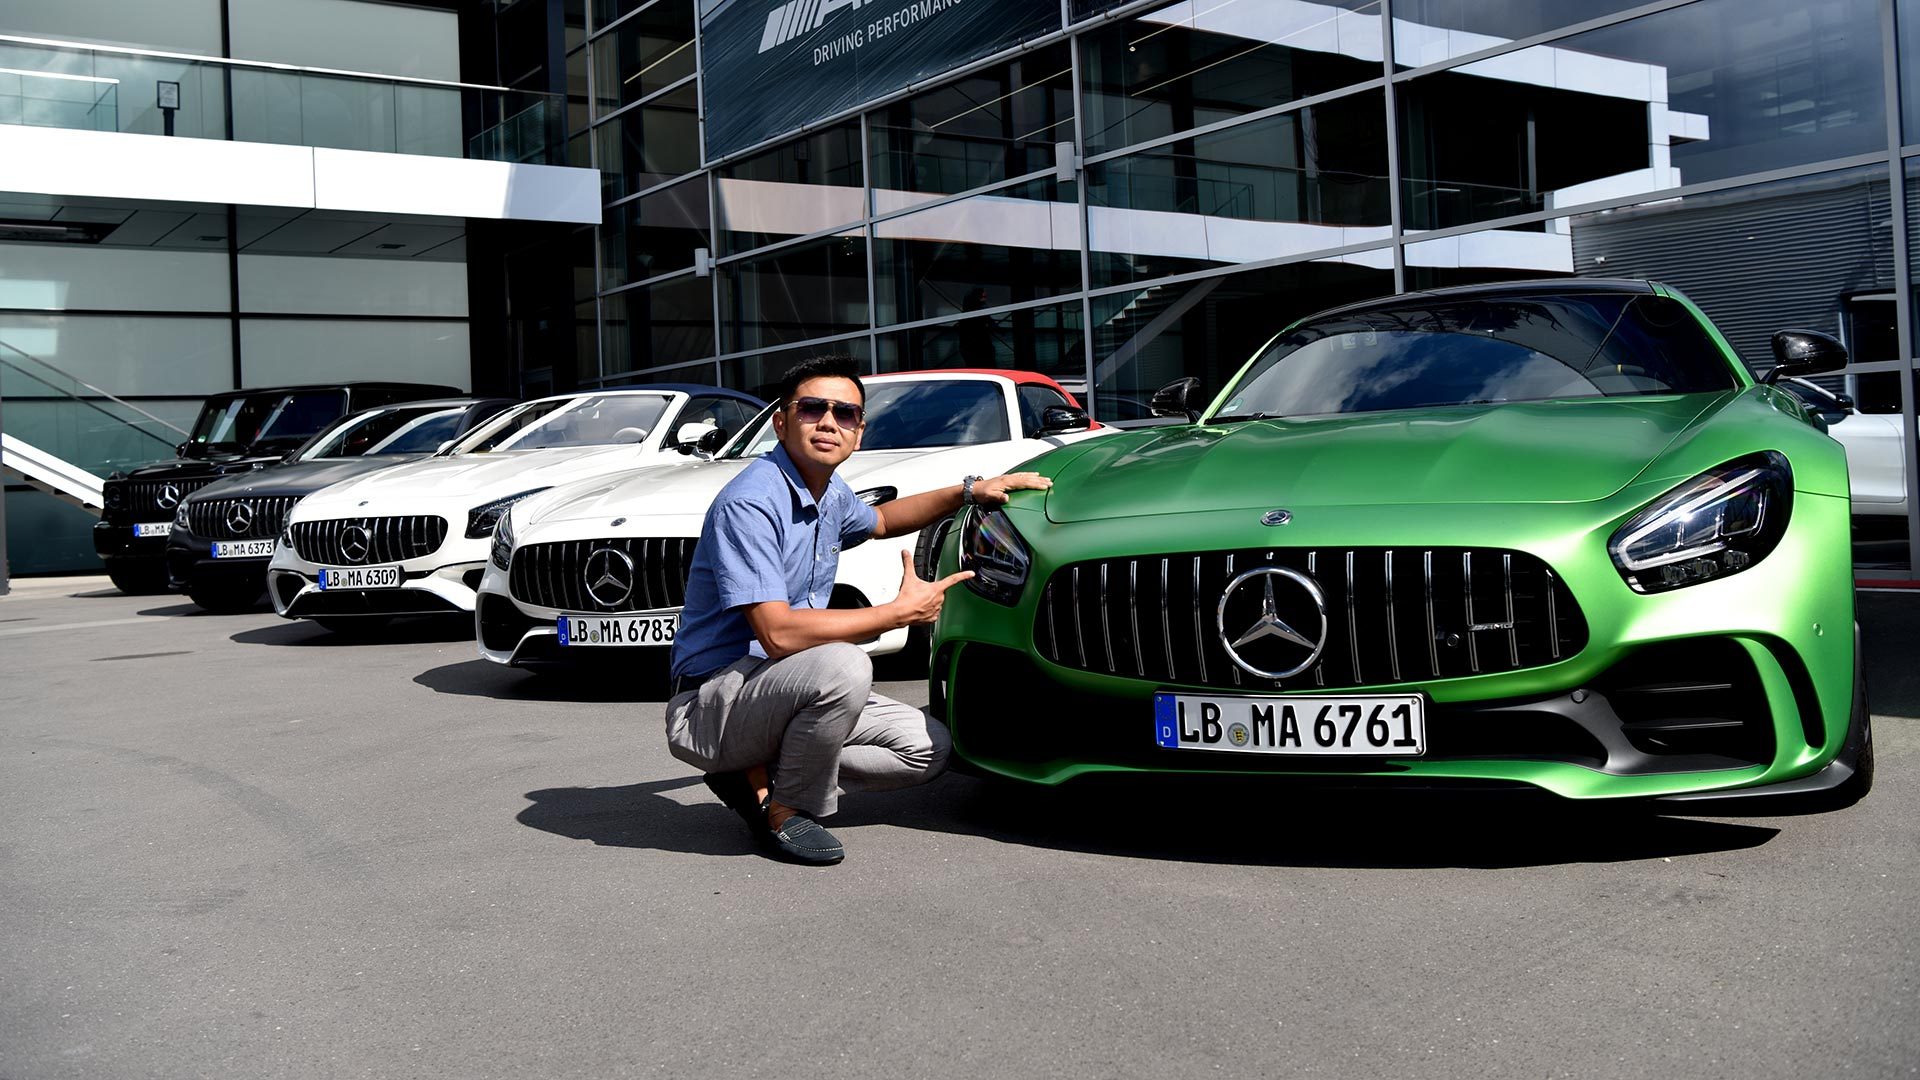 ĐỘT NHẬP nhà máy AMG ở Đức, gặp kỹ sư Việt 23 năm làm ở xưởng động cơ